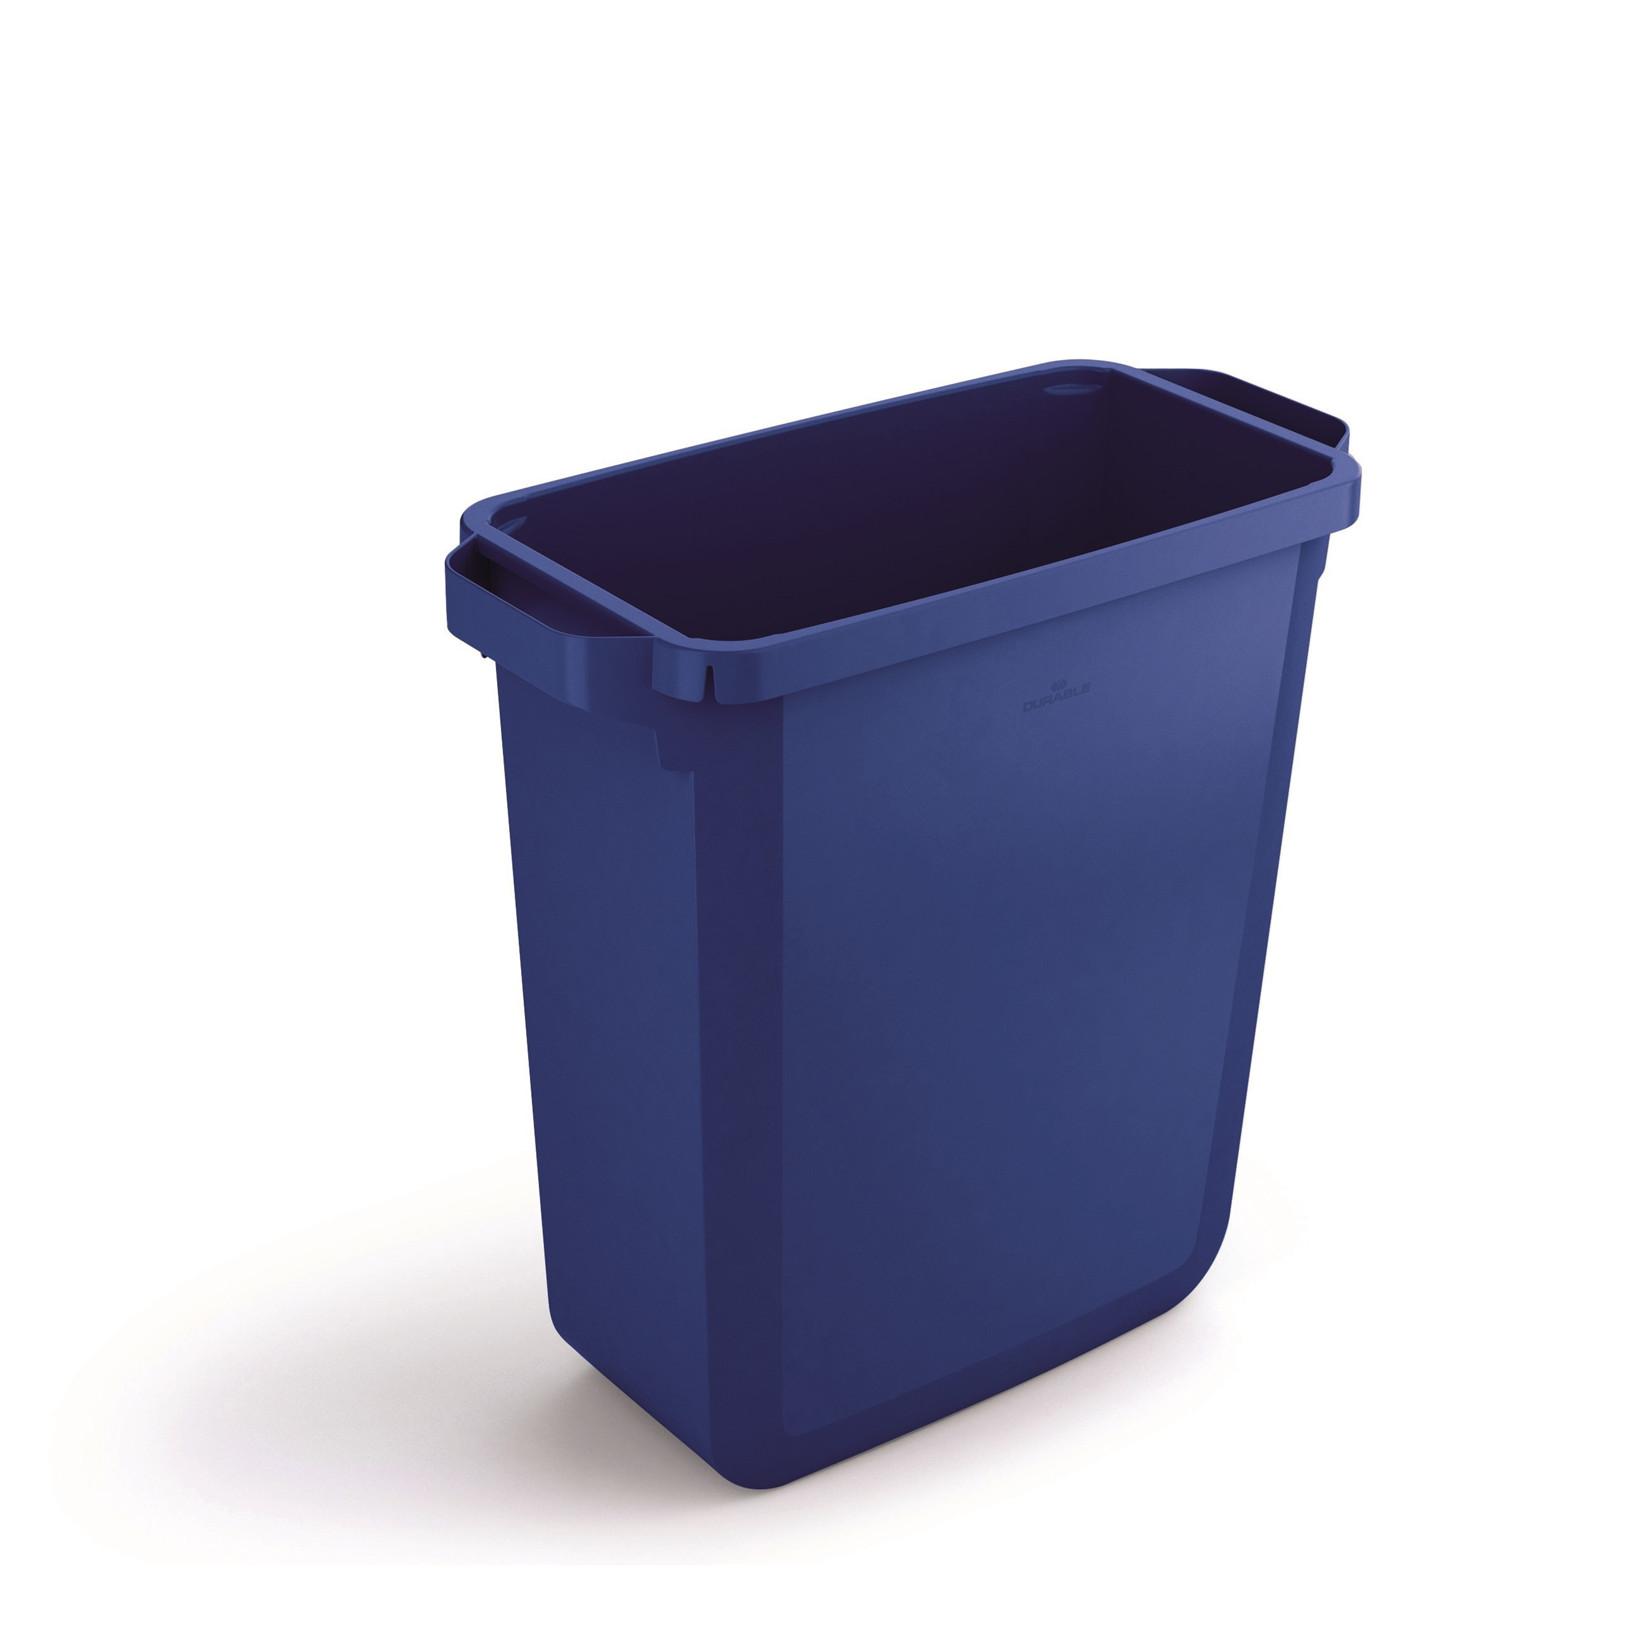 Durabin 60 Blå Skraldespand 60 liter - Firkantet spand